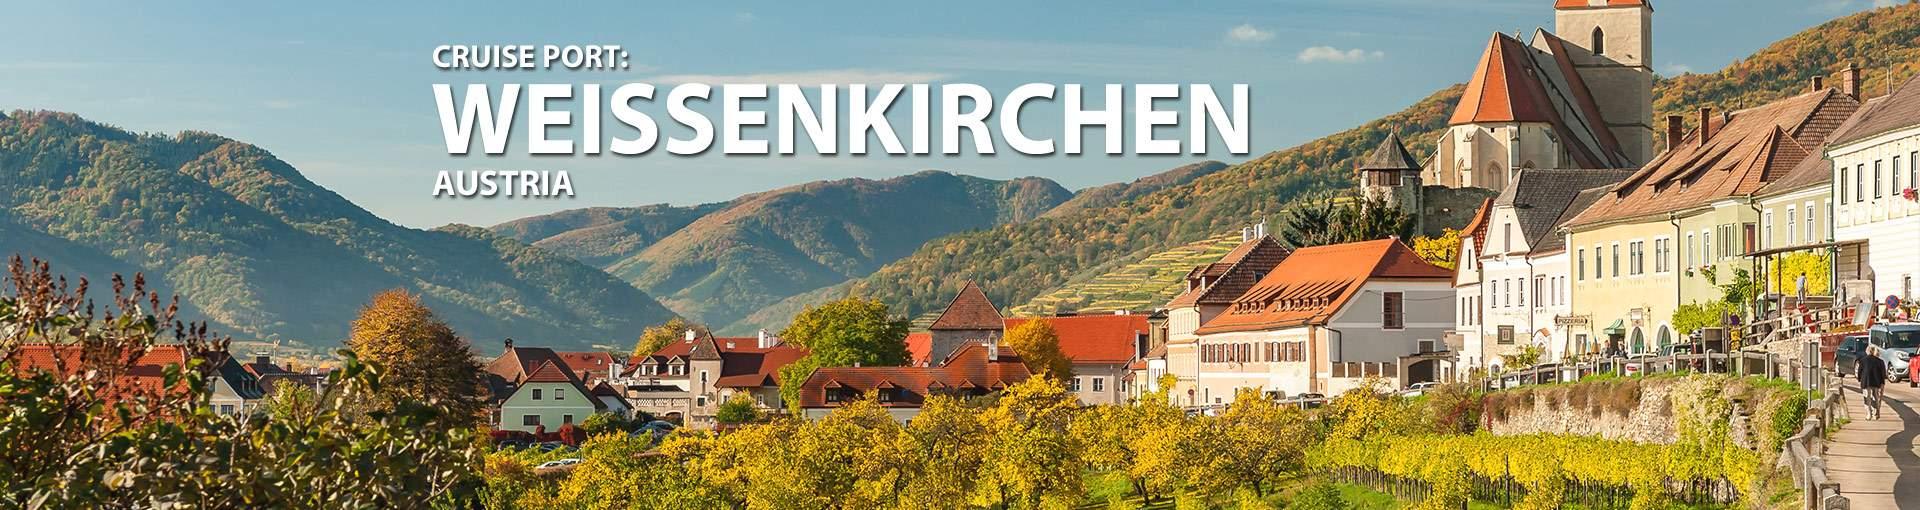 Weissenkirchen, Austria